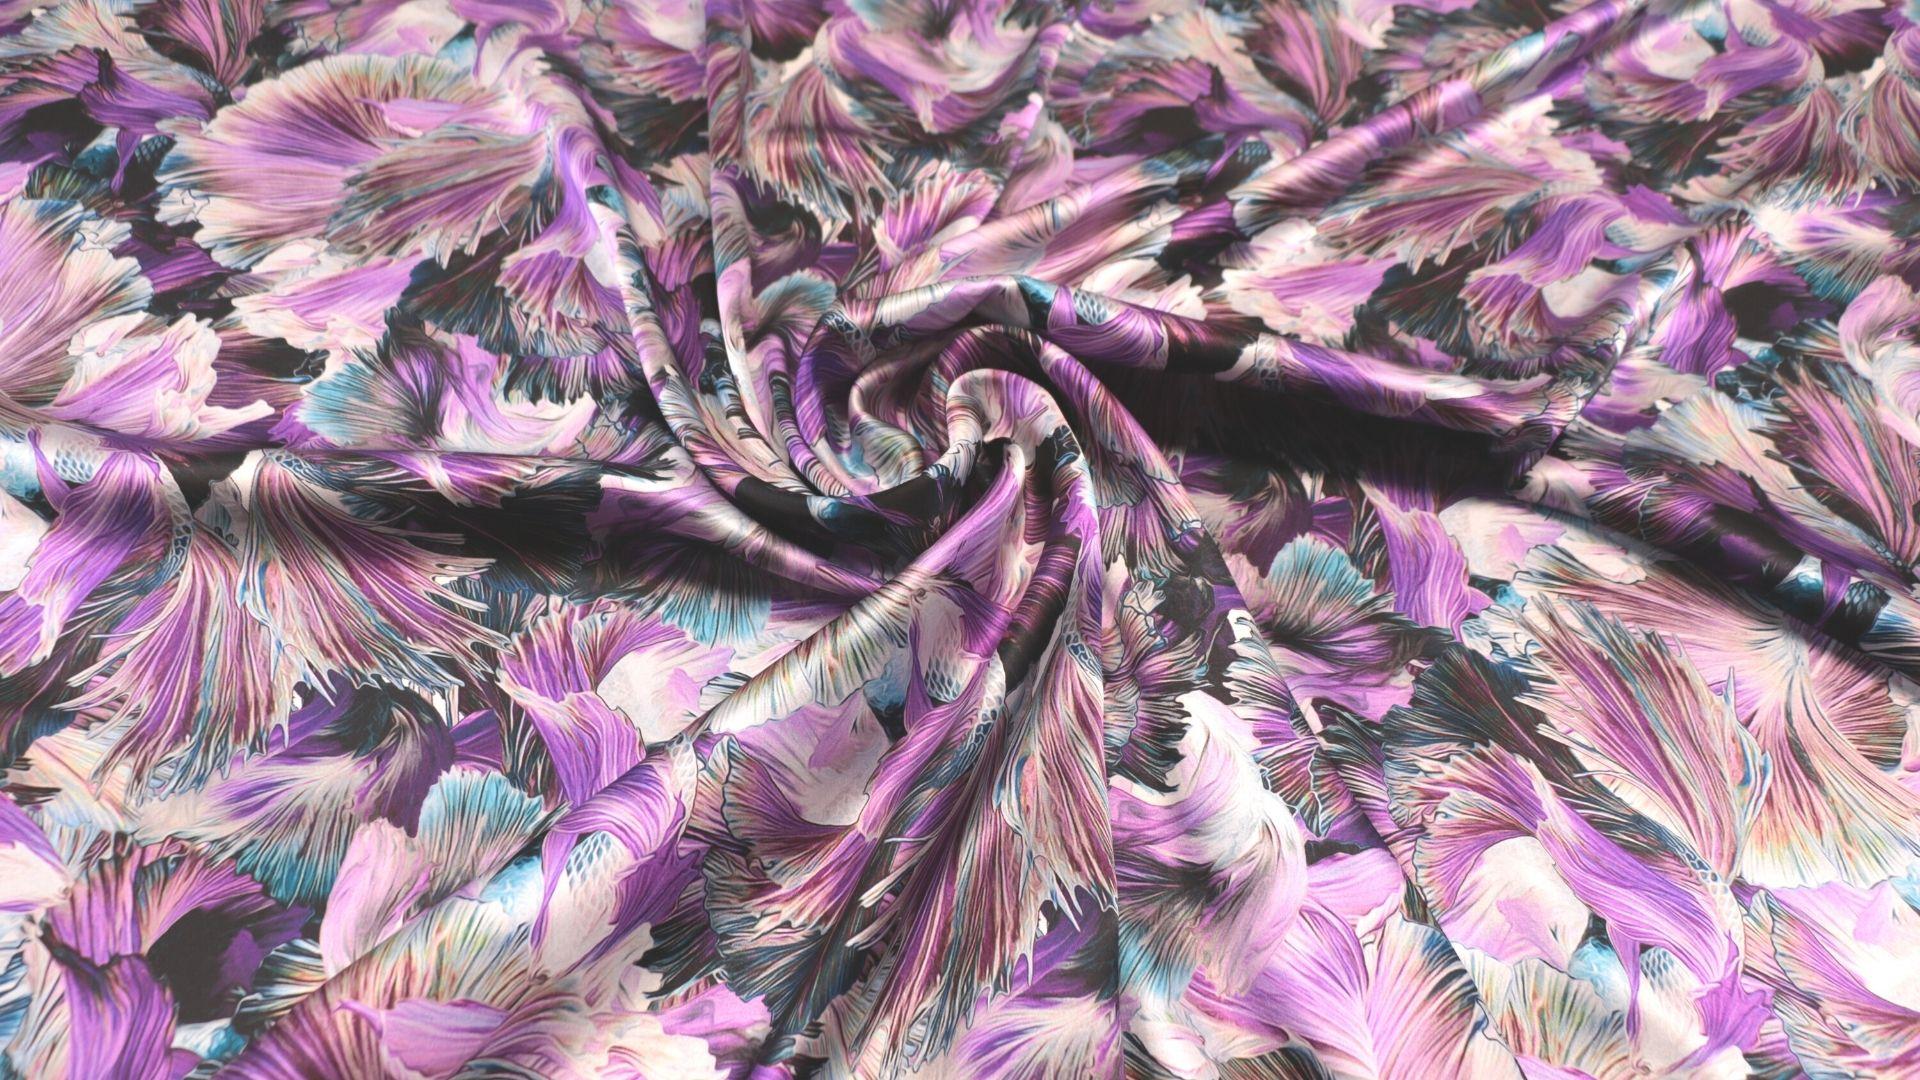 il particolare del tessuto notredame, appartenente alla categoria stampe seta, di Leadford & Logan